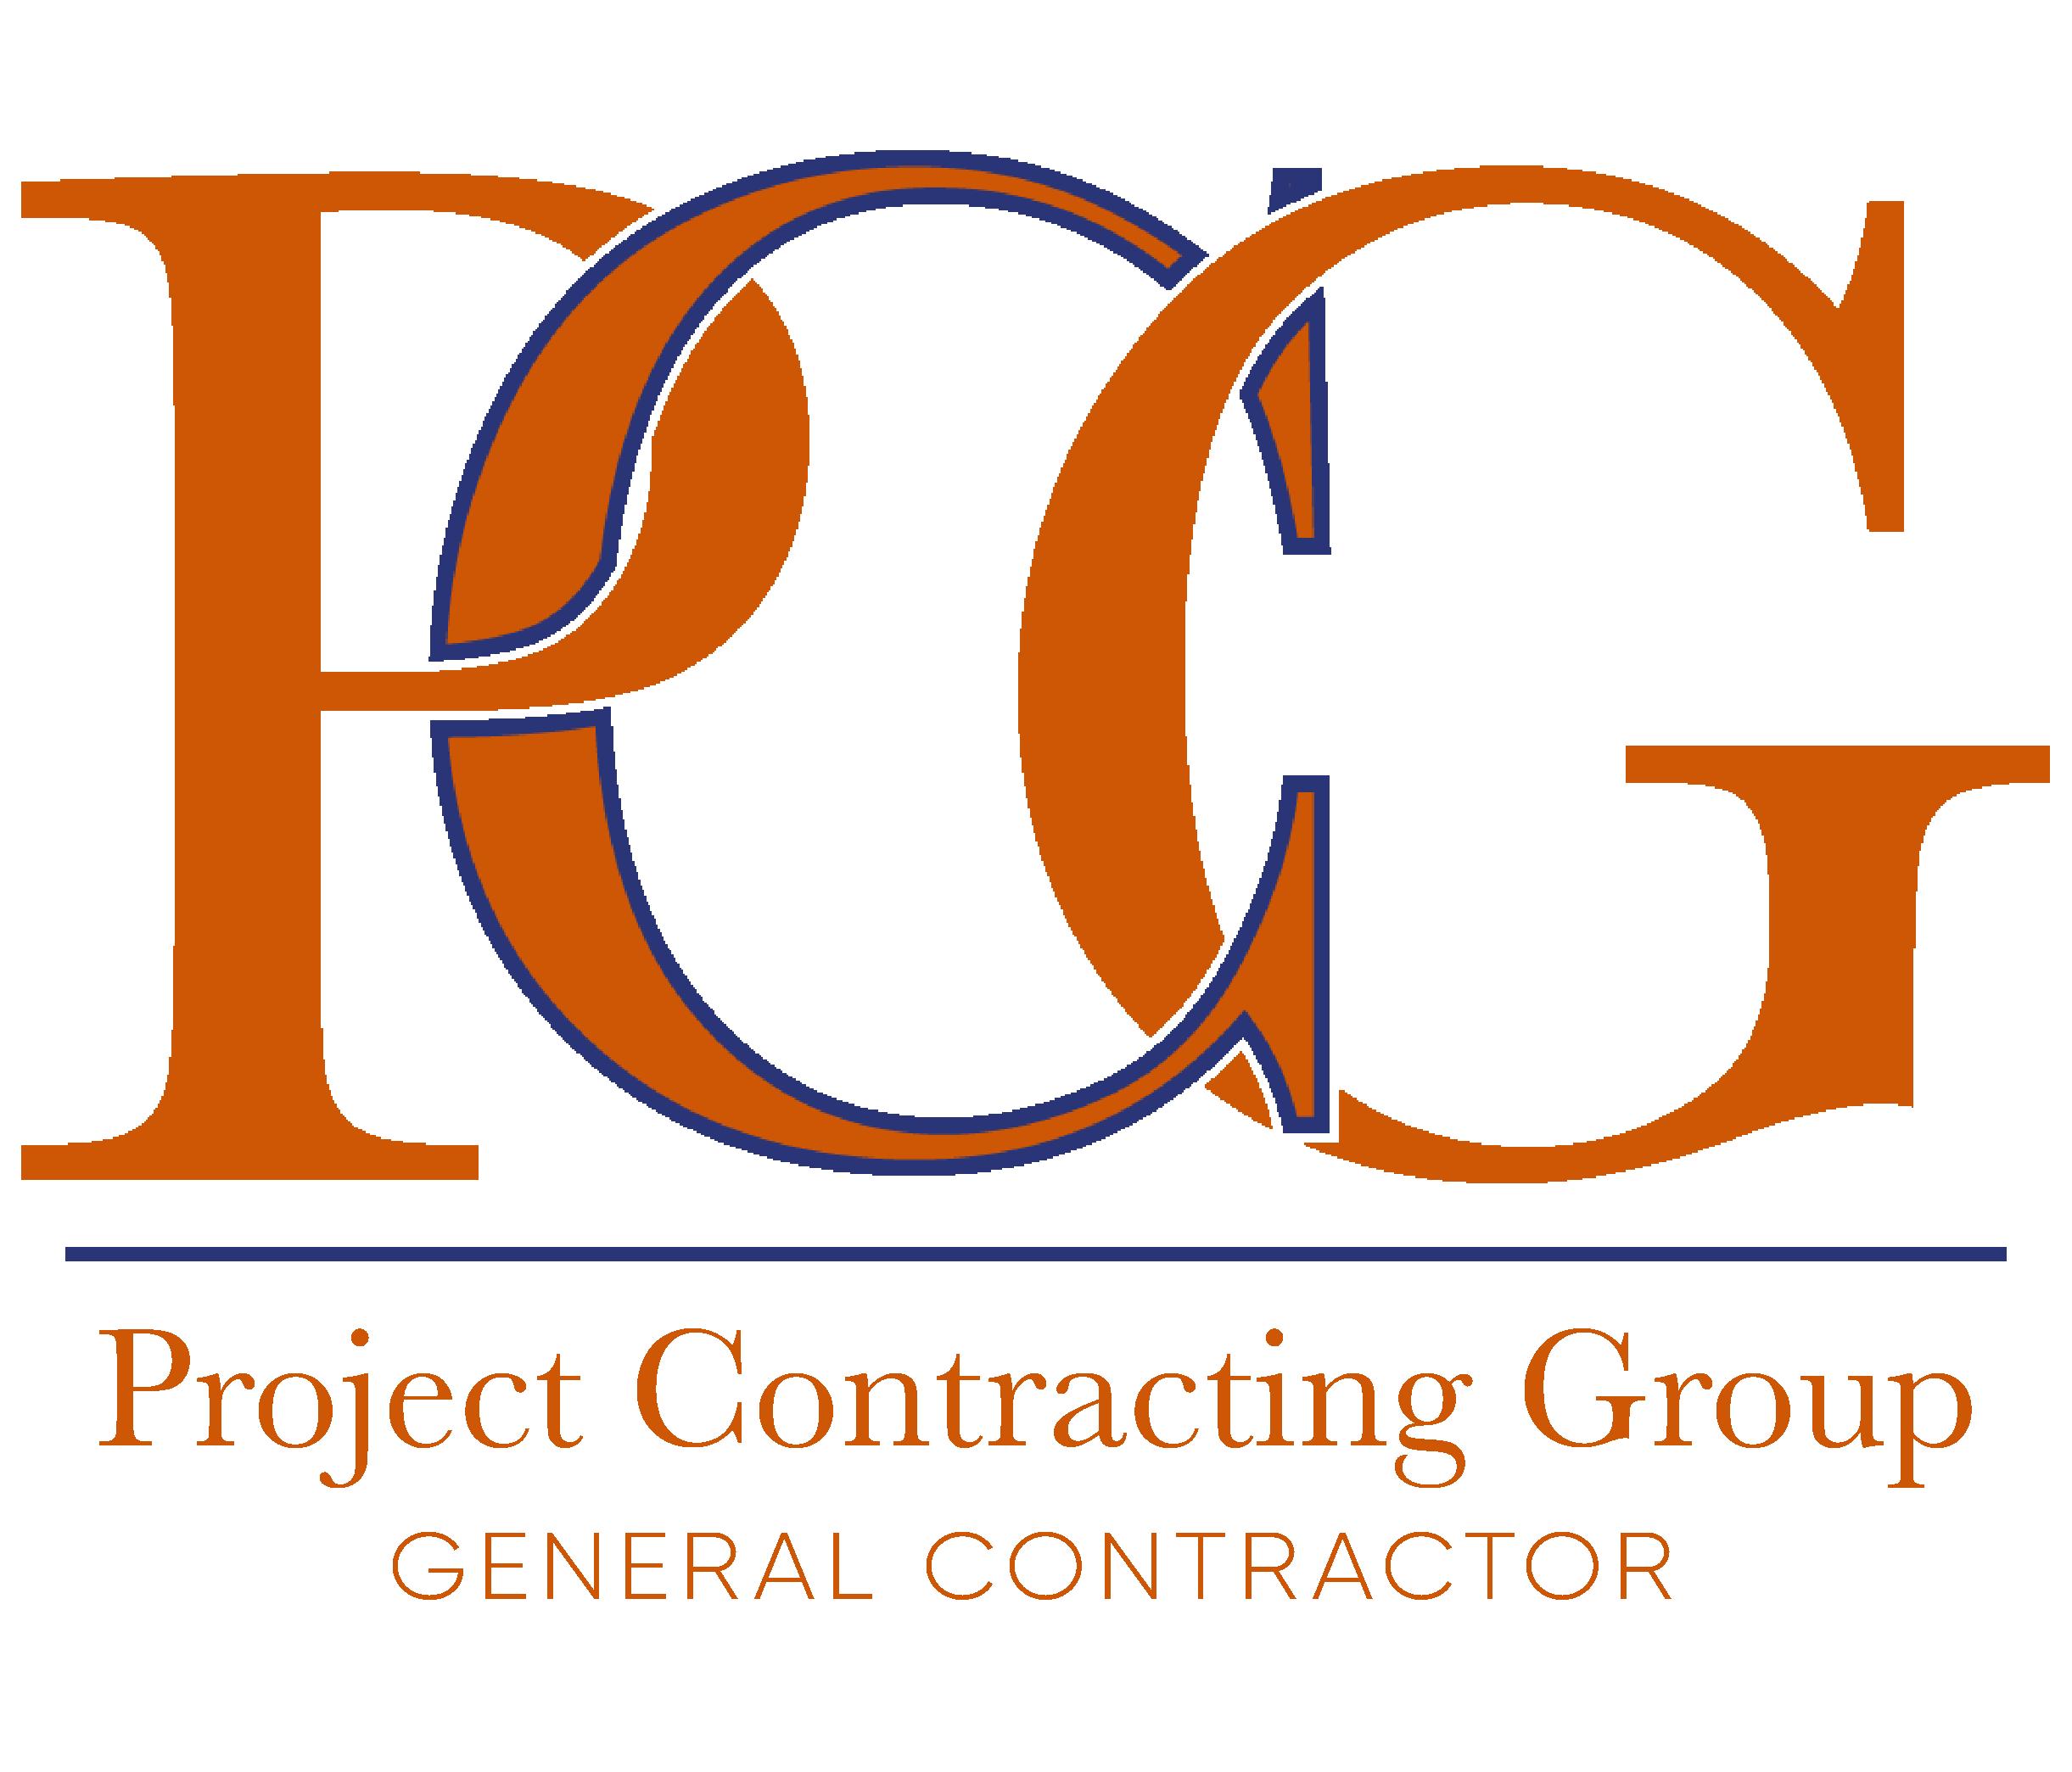 PCG General Contractor